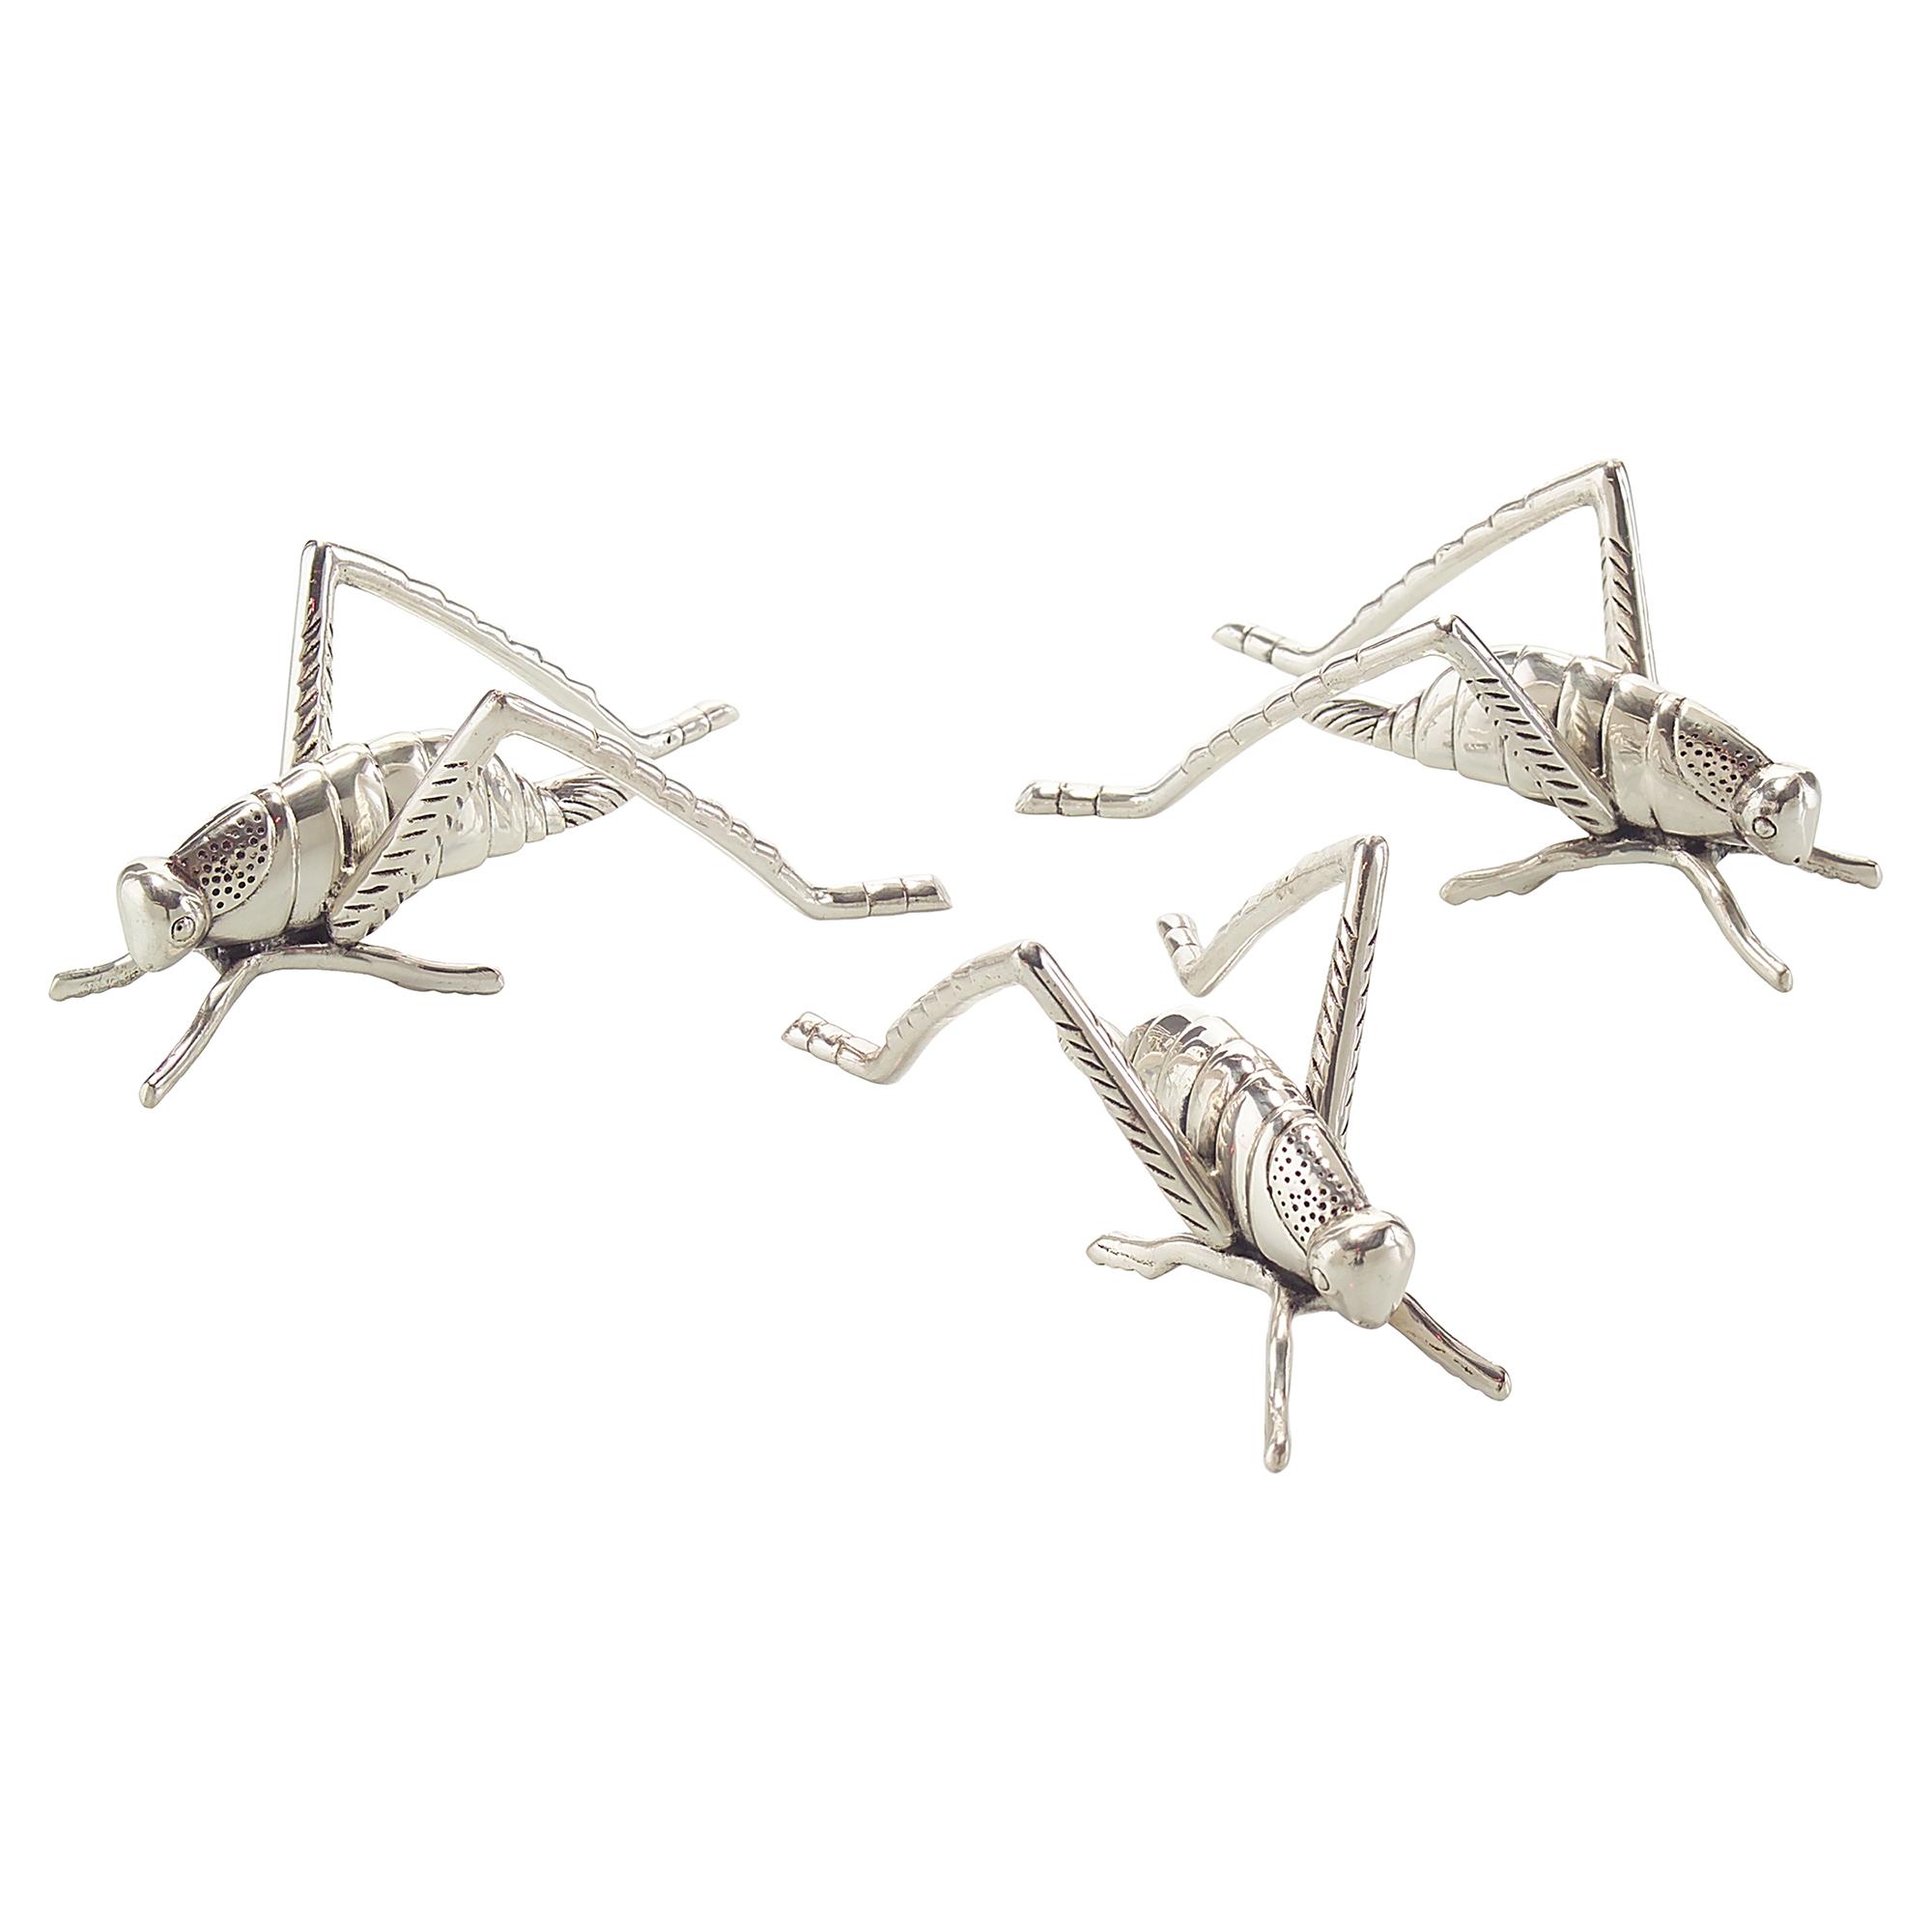 Lucky Trio Silver Grasshopper Sculptures - Set of 3